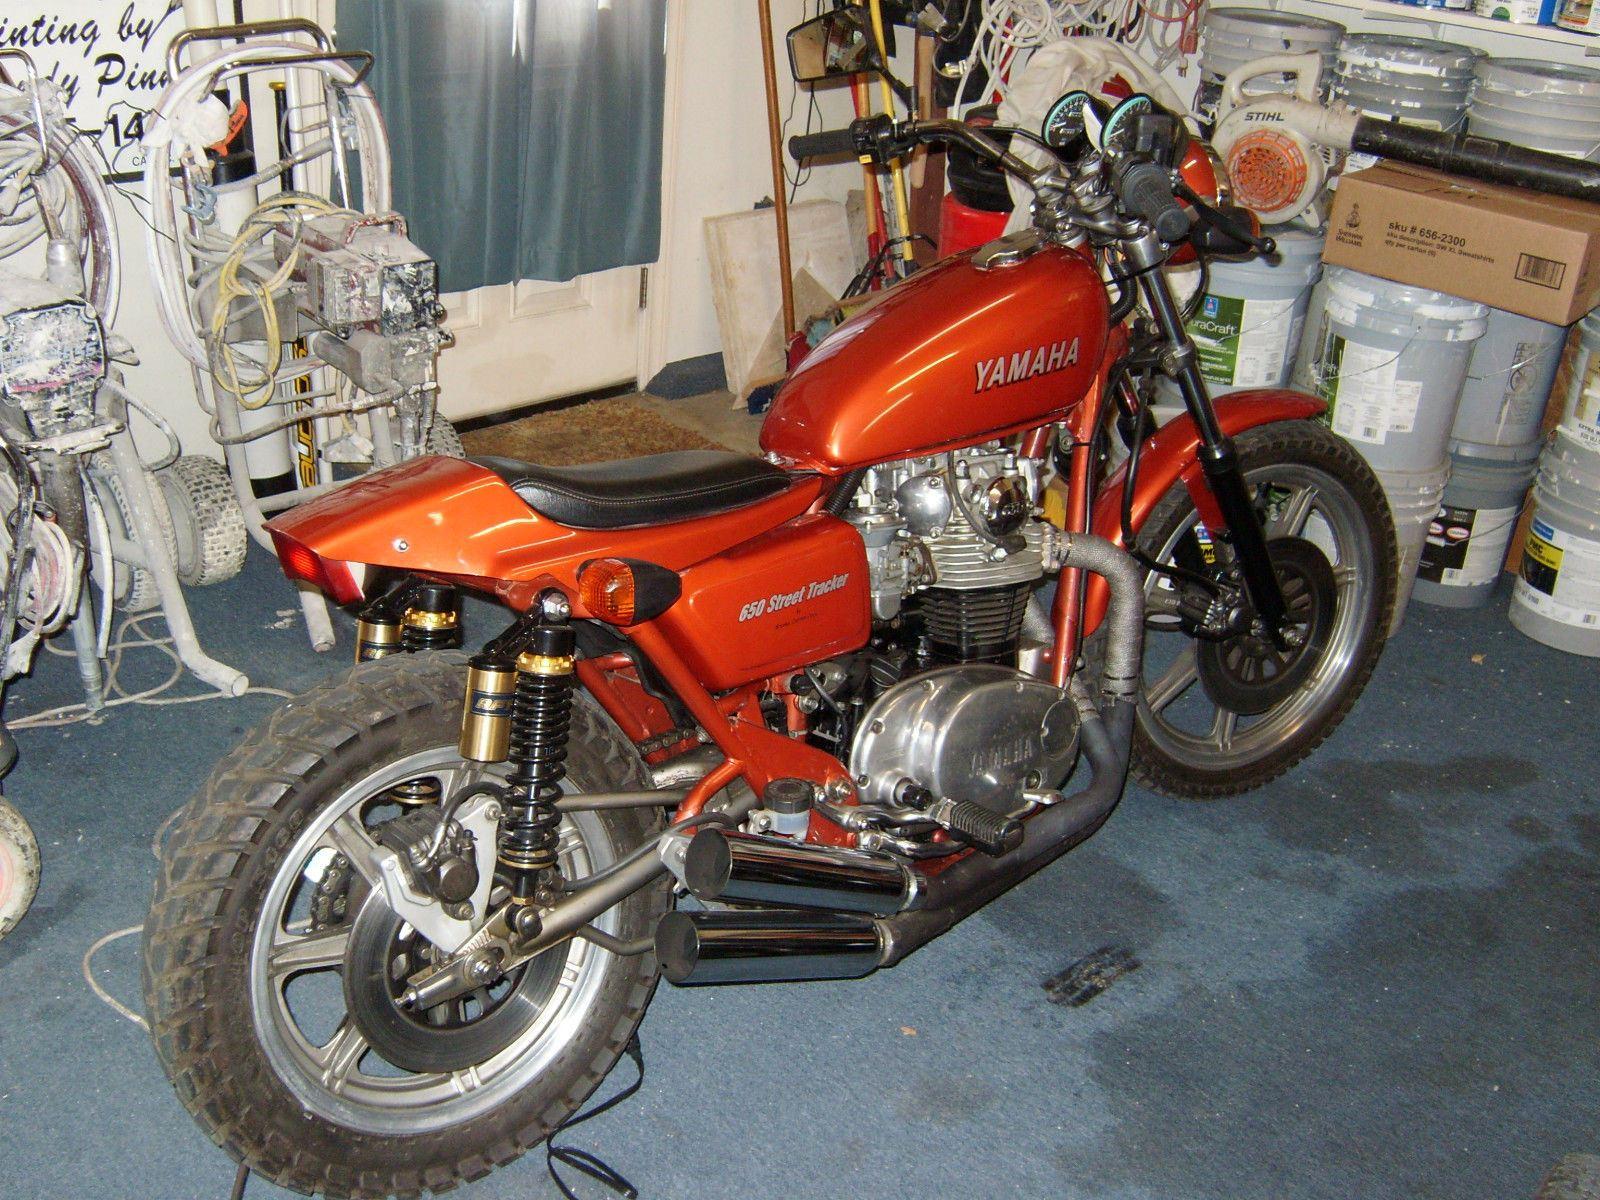 1977 yamaha xs for sale for Yamaha rally bike for sale